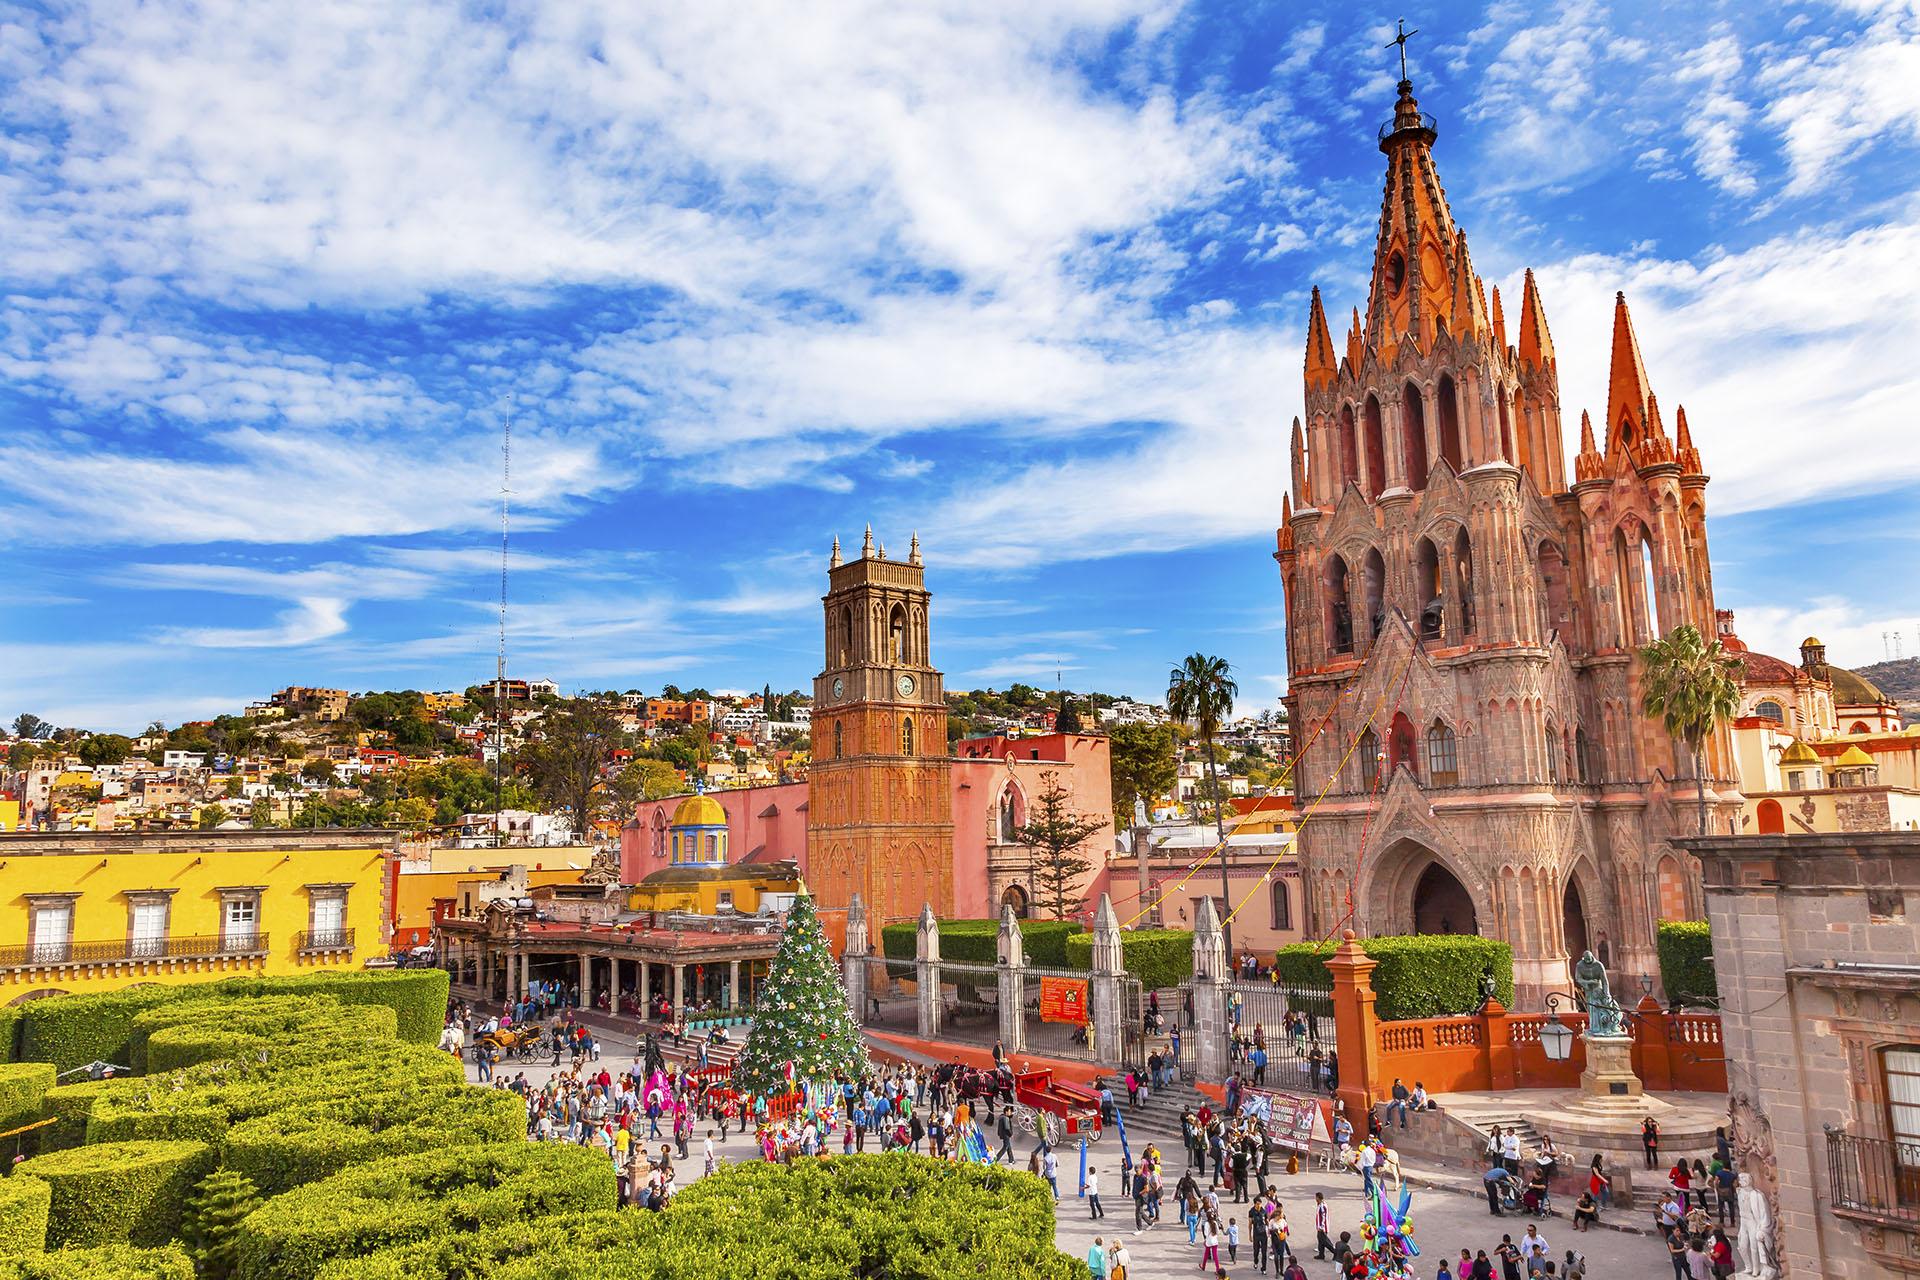 San Miguel de Allende es considerada una de las ciudades más bellas de México porque está el Santuario de Jesús de Atotonilco, una iglesia declarada Patrimonio de la Humanidad por la UNESCO